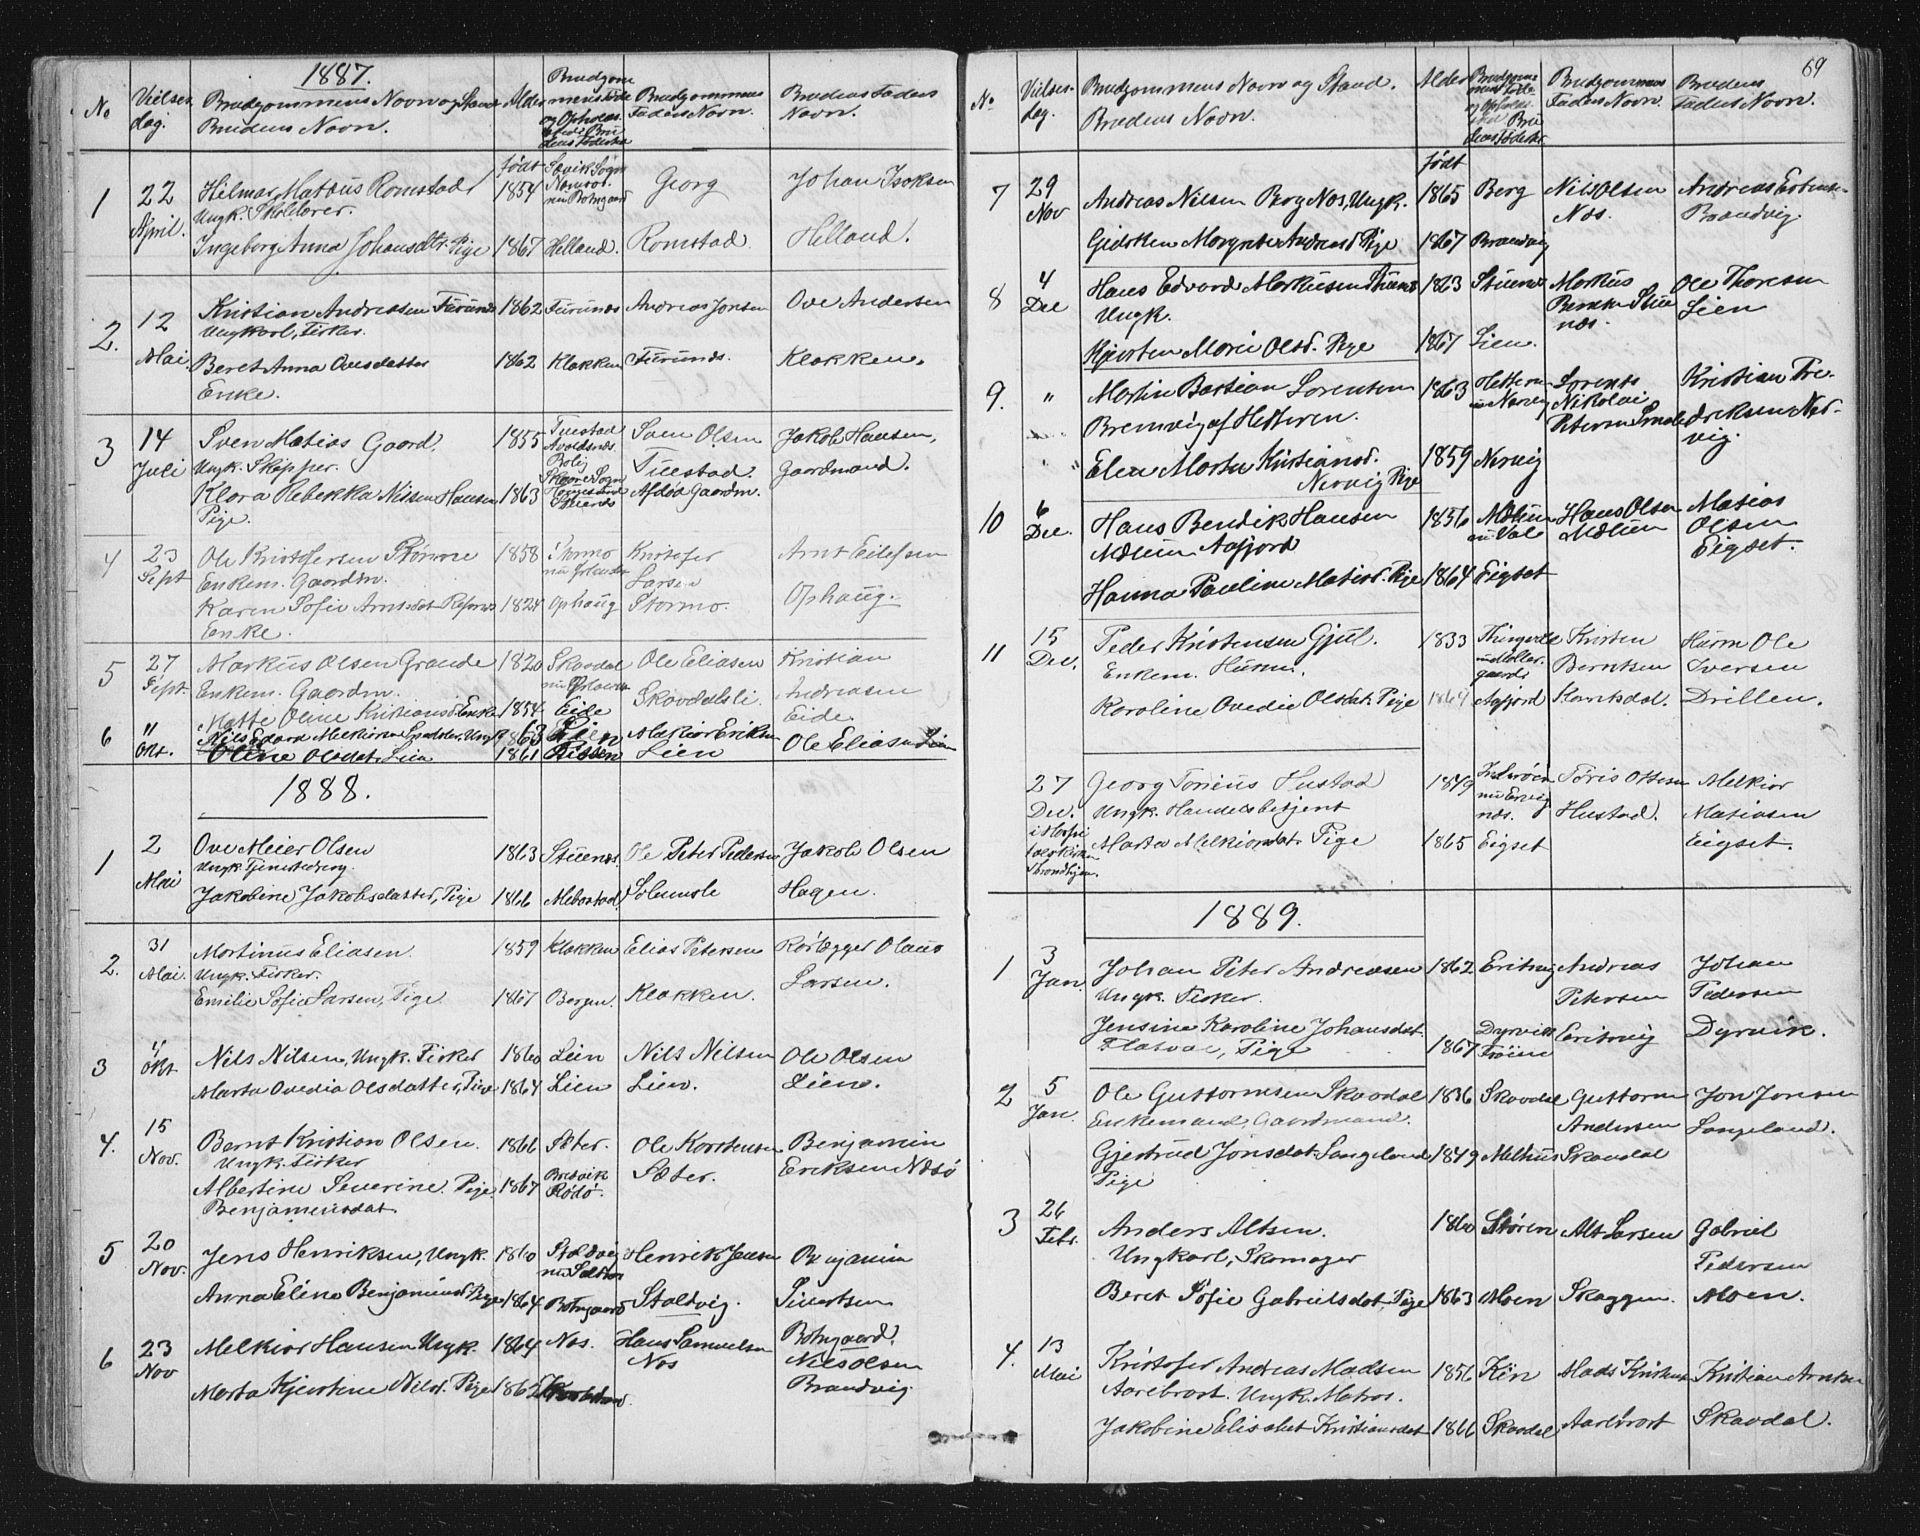 SAT, Ministerialprotokoller, klokkerbøker og fødselsregistre - Sør-Trøndelag, 651/L0647: Klokkerbok nr. 651C01, 1866-1914, s. 69